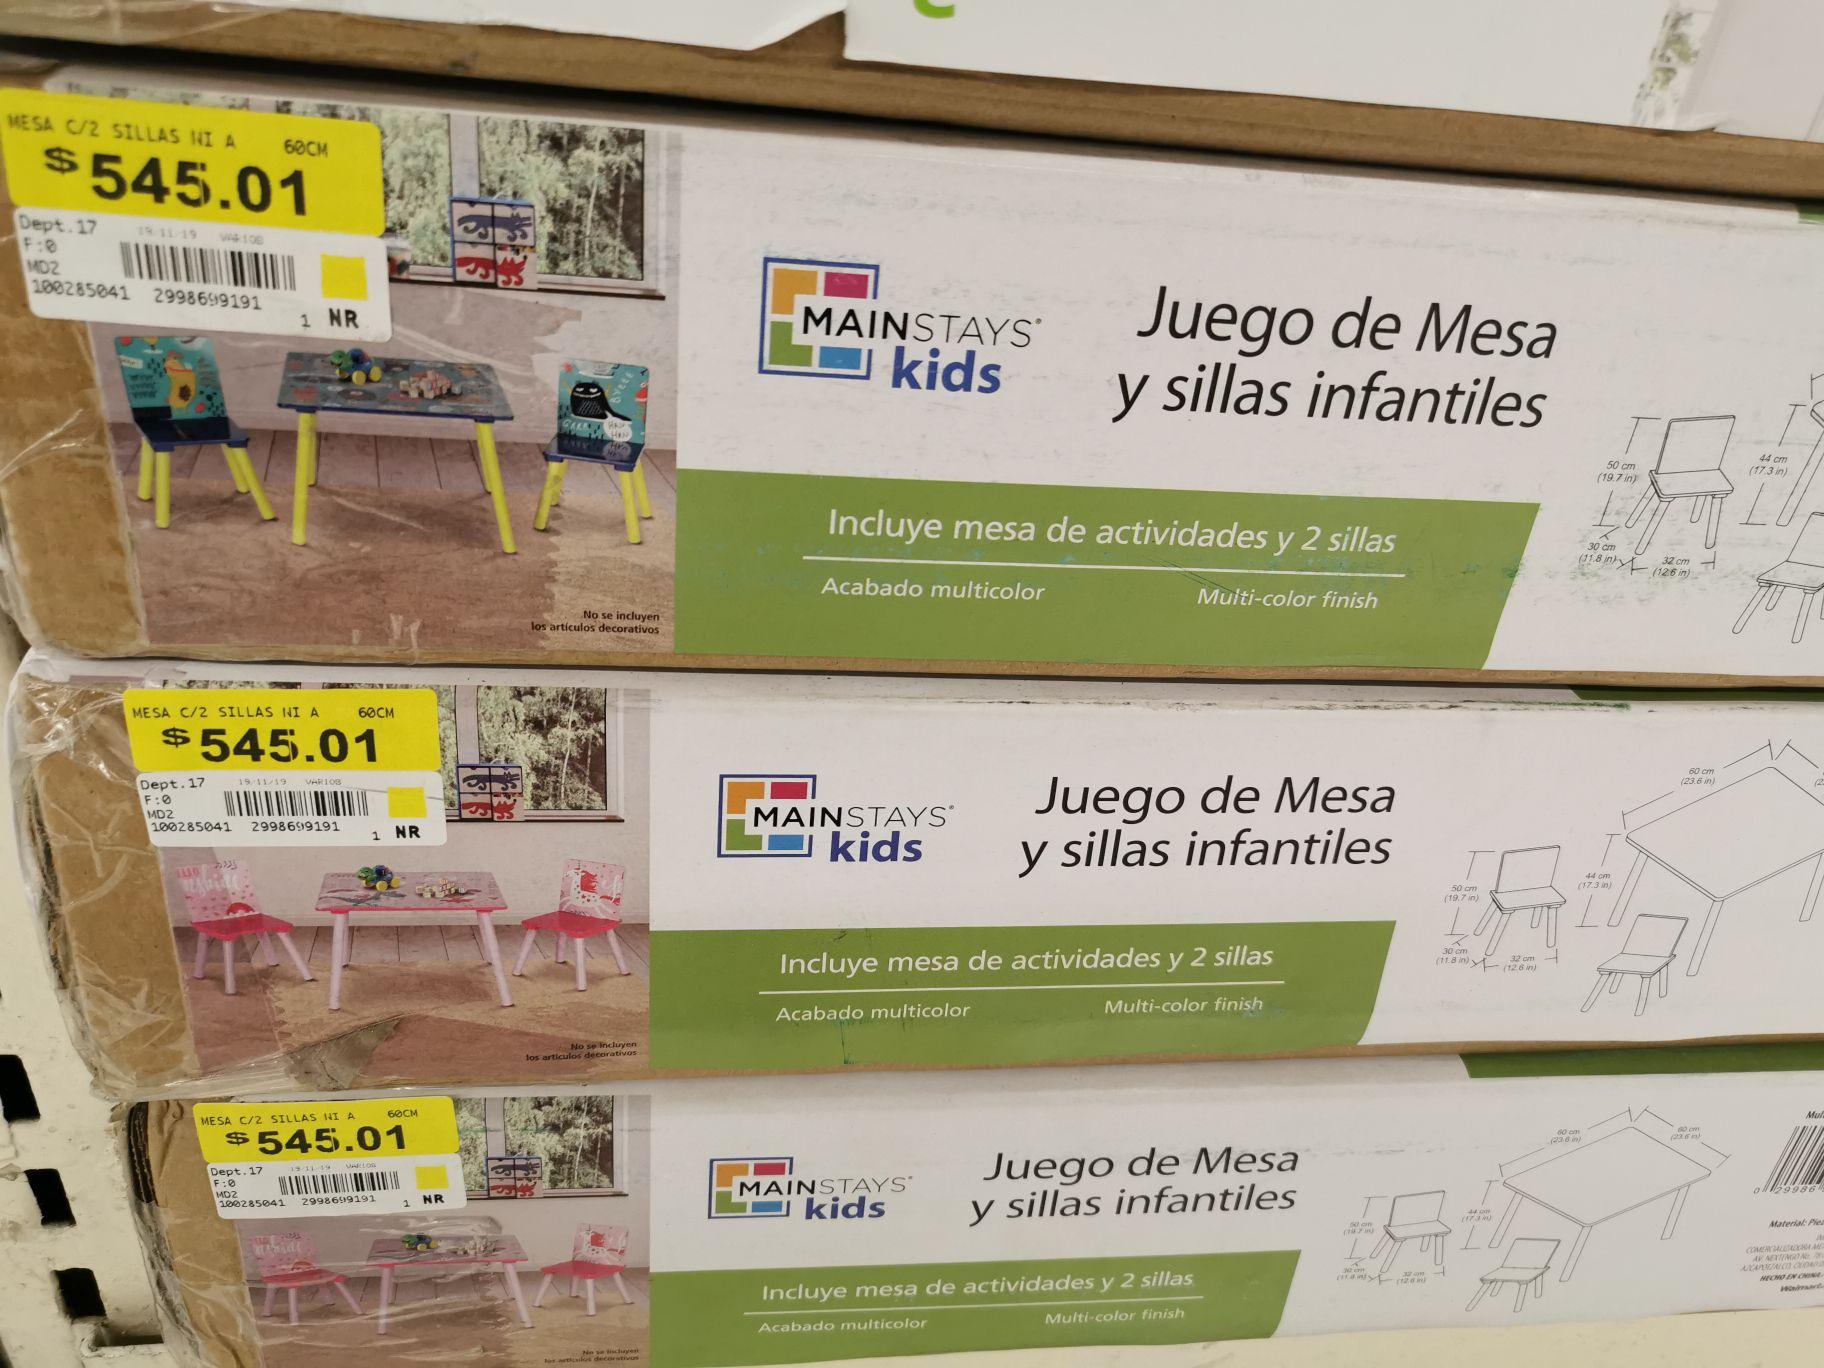 Walmart reforma, Saltillo: Juego de Mesa Mainstays